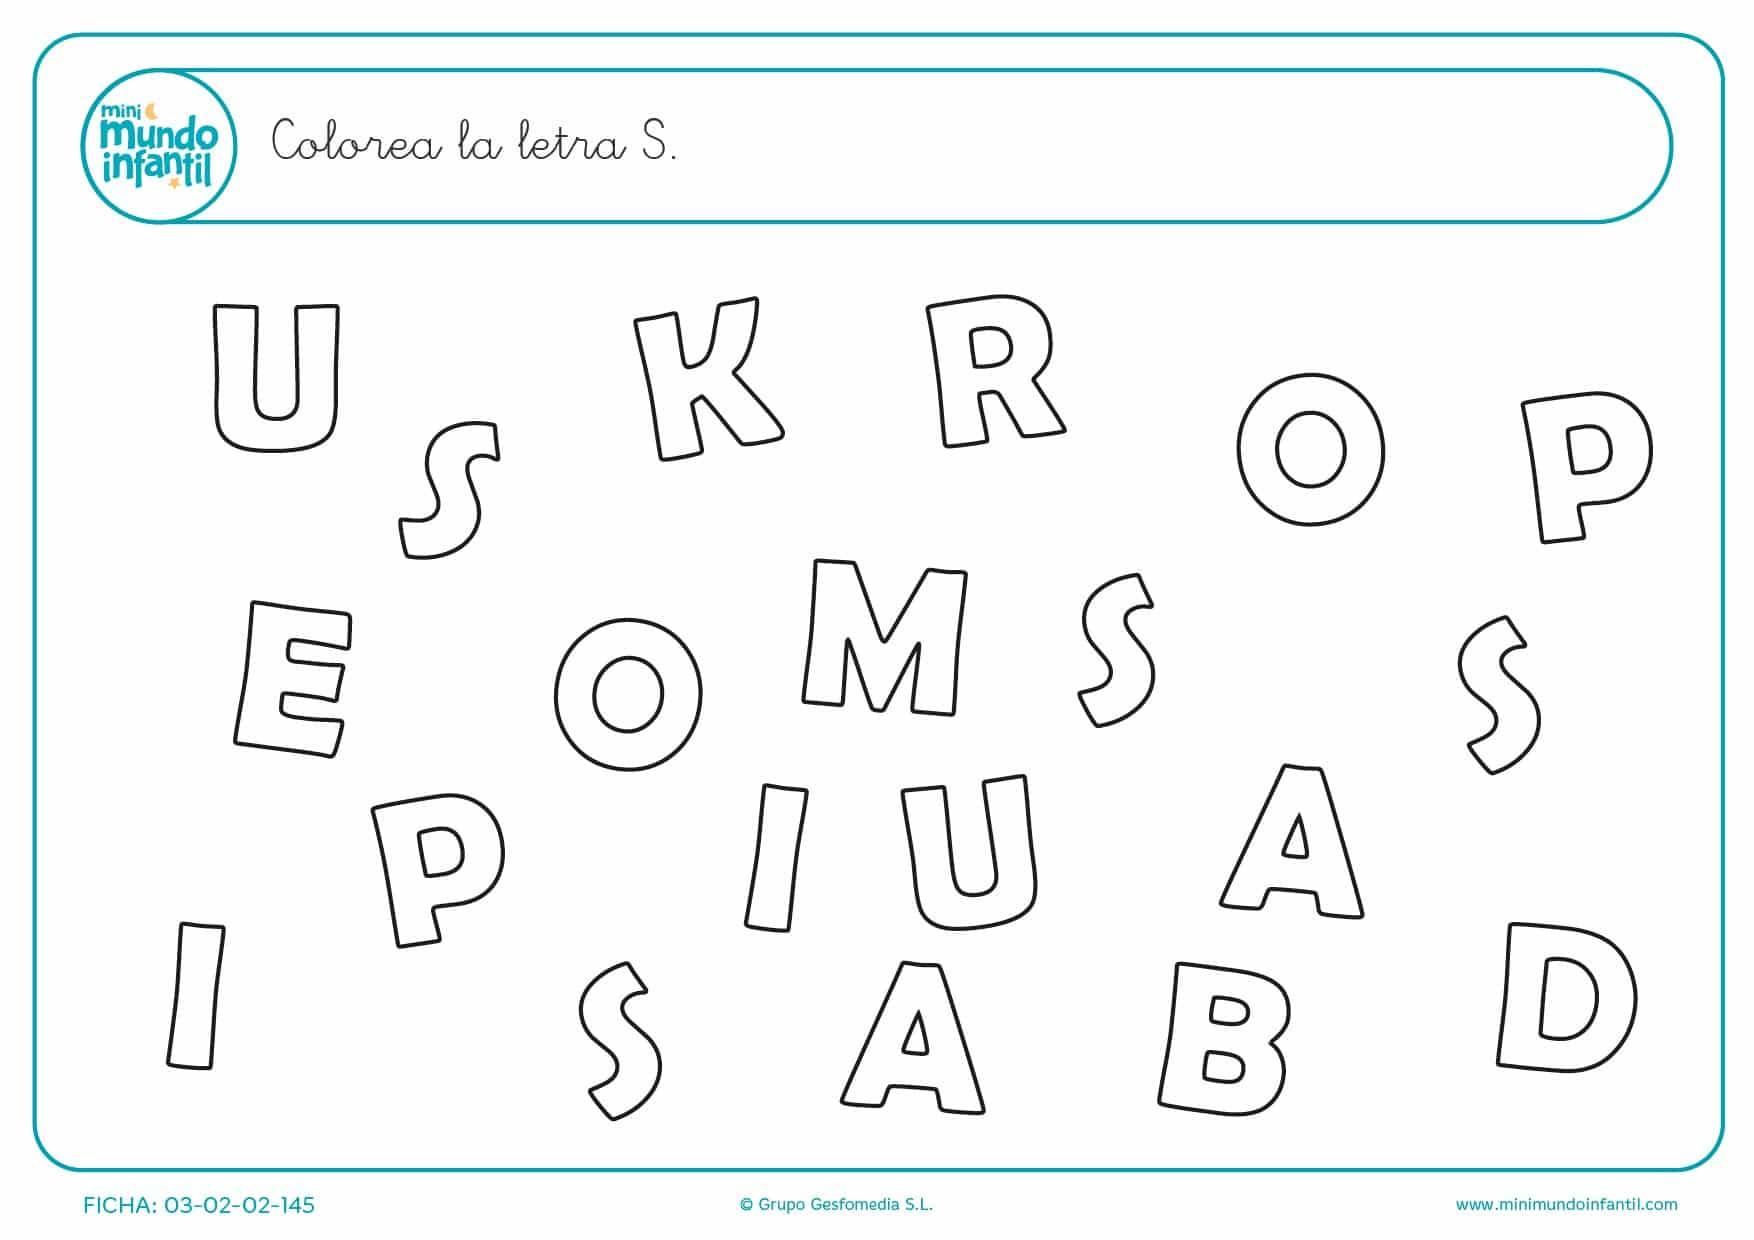 Econtrar y pintar la letra S en mayúsculas